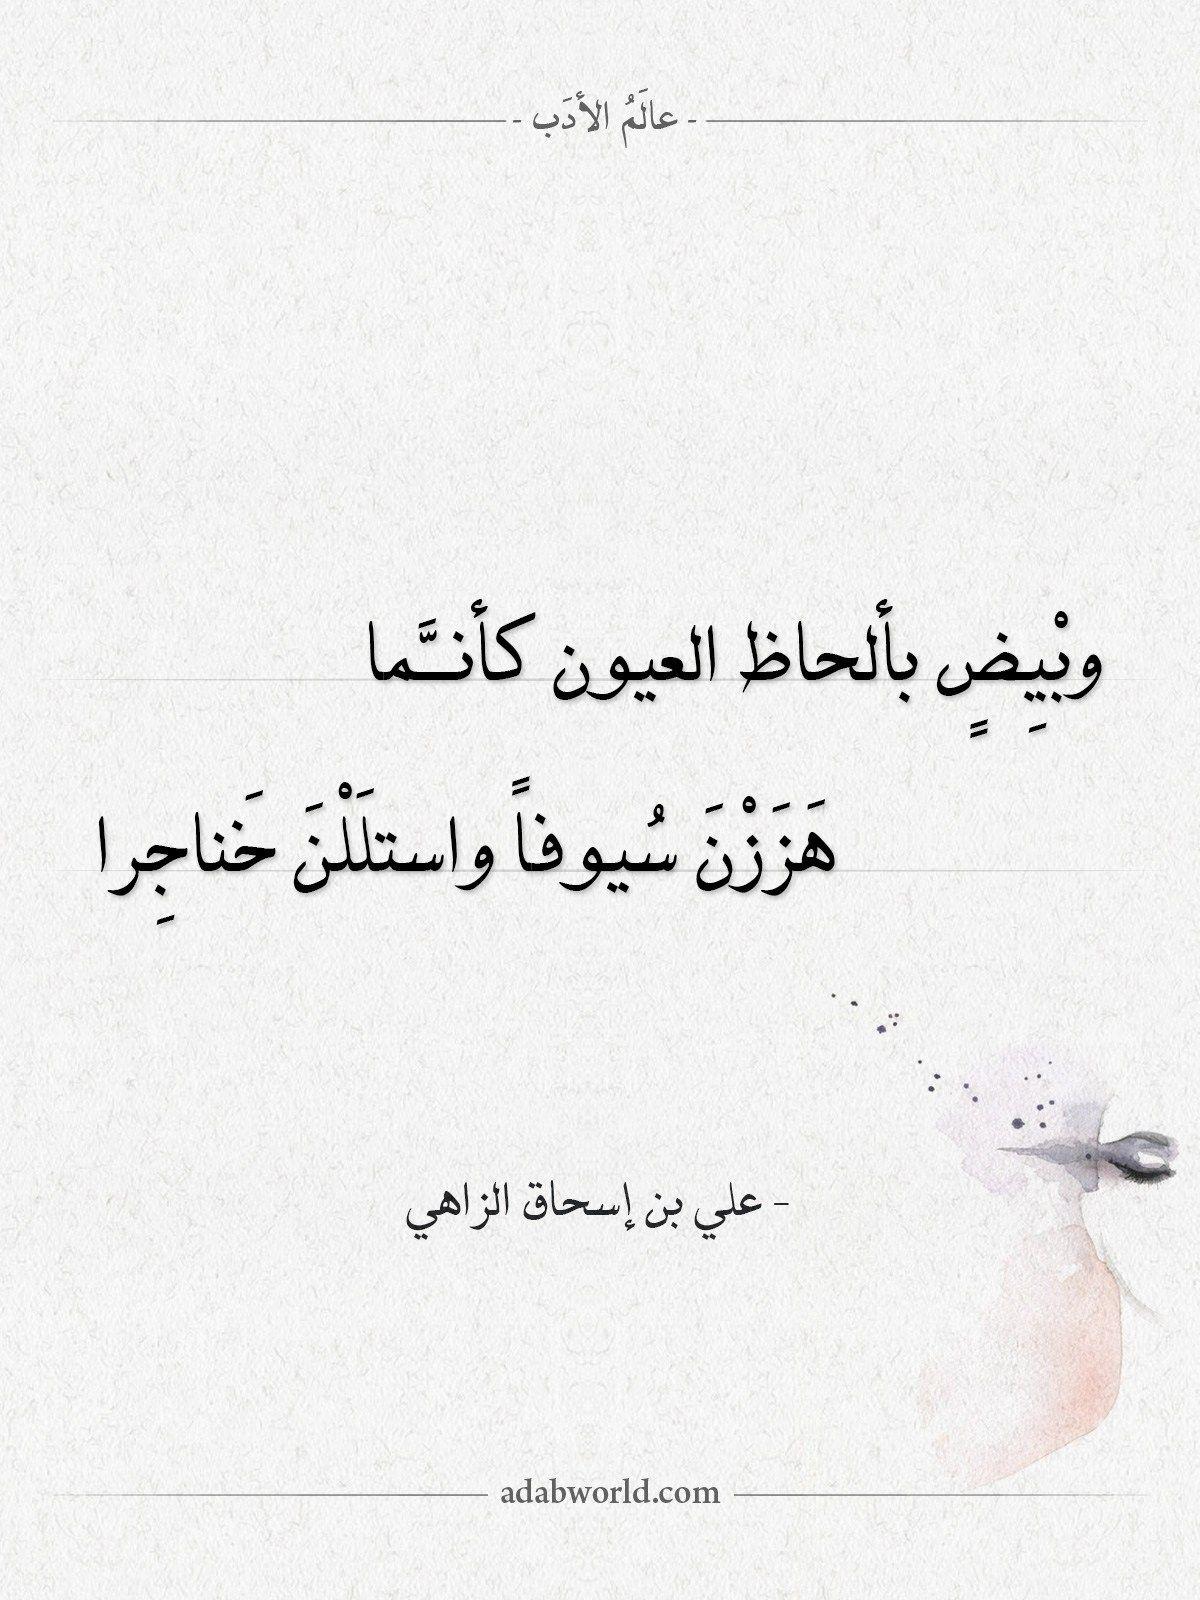 شعر علي بن إسحاق الزاهي وبيض بألحاظ العيون كأنما عالم الأدب In 2021 Words Quotes Quotes Words